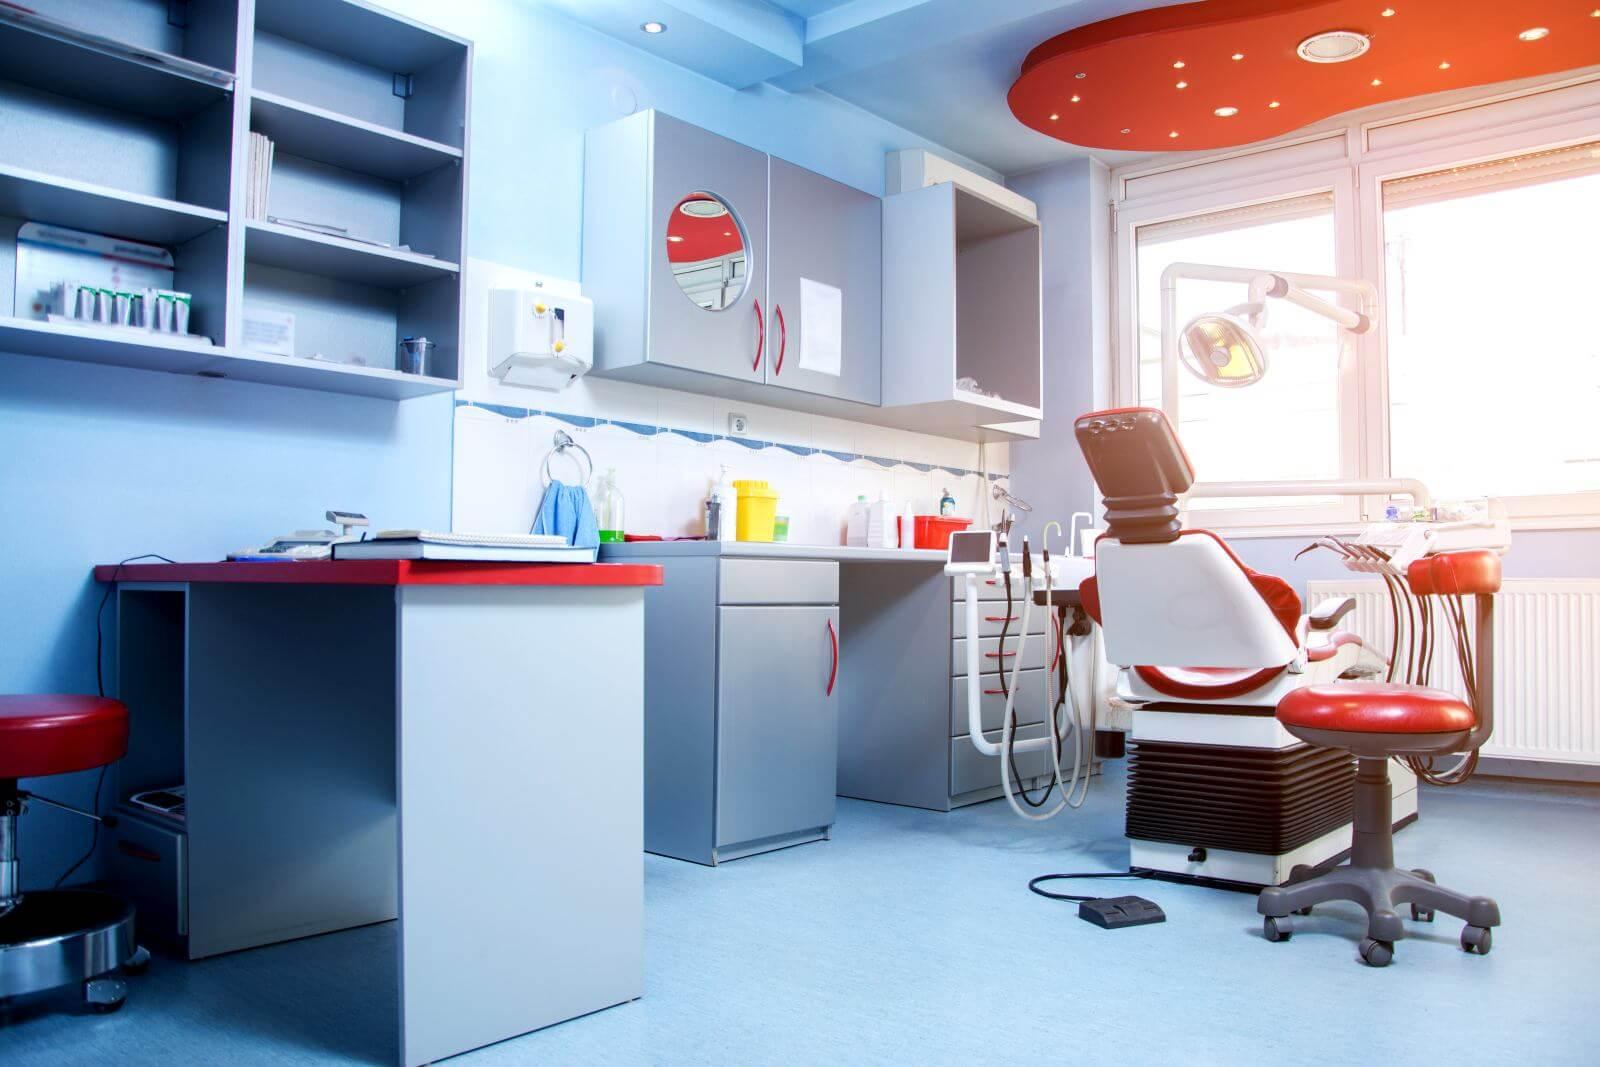 Dental office interior.